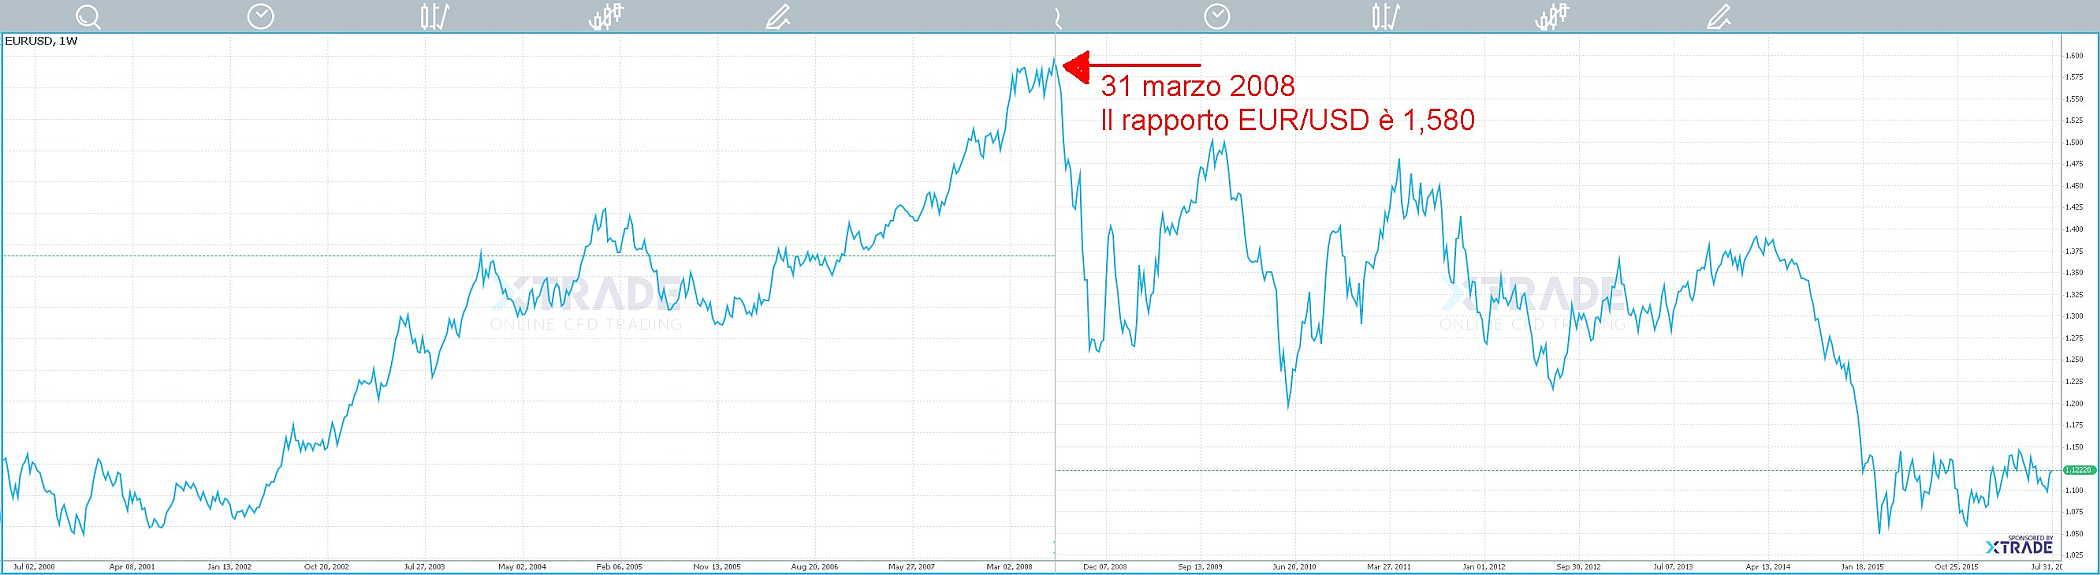 storia_euro-dollaro.jpg